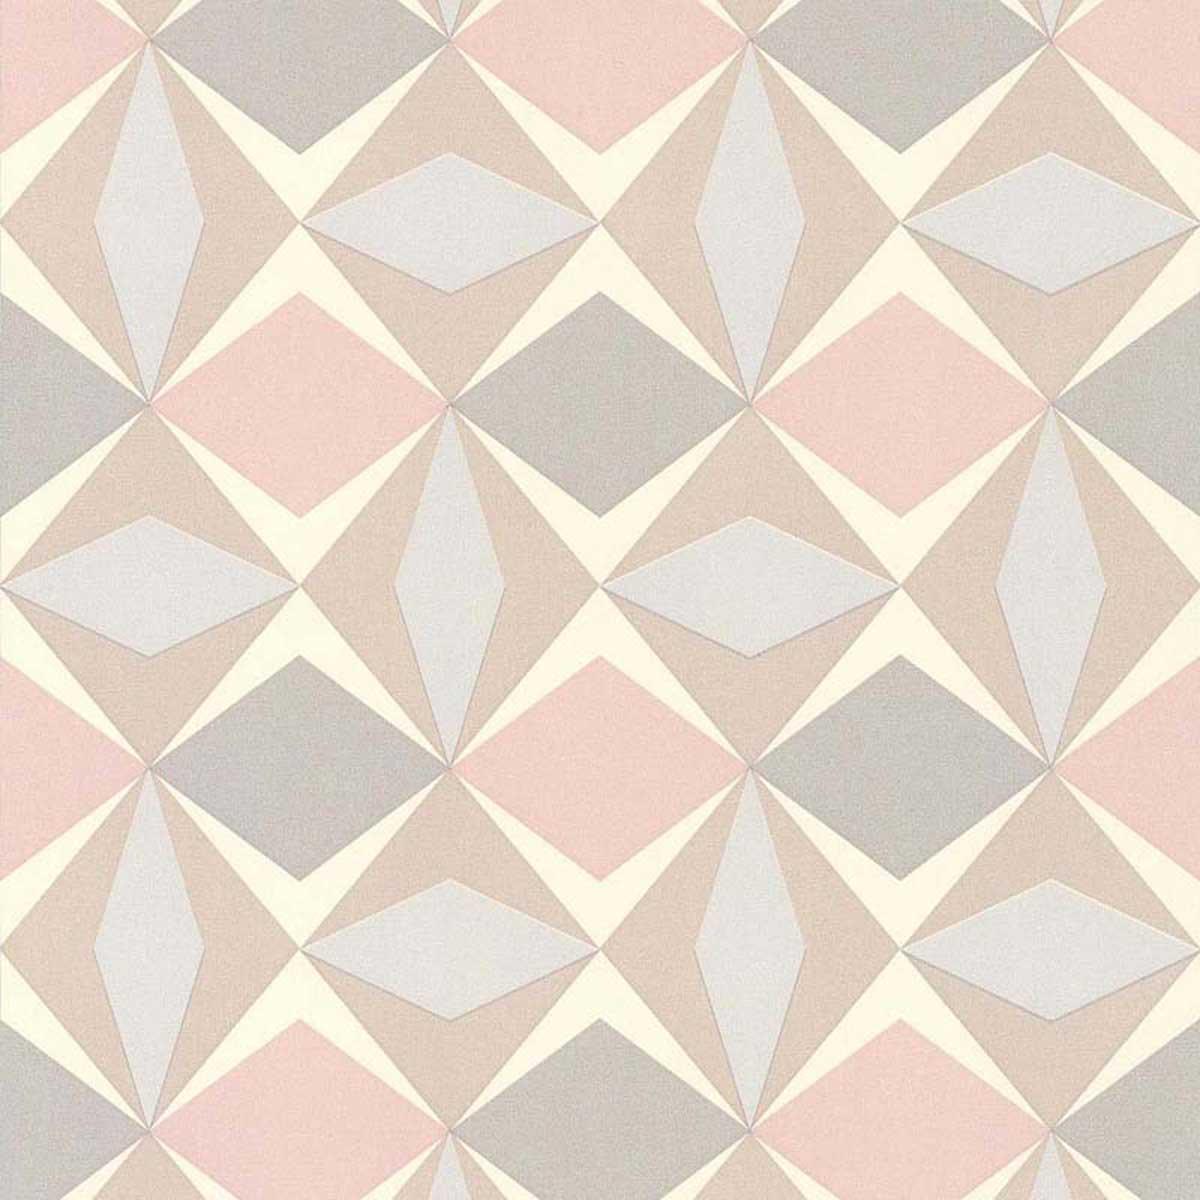 Papier peint LUTECE à motifs géométriques - Bleu - 10 ml x 0,53 m